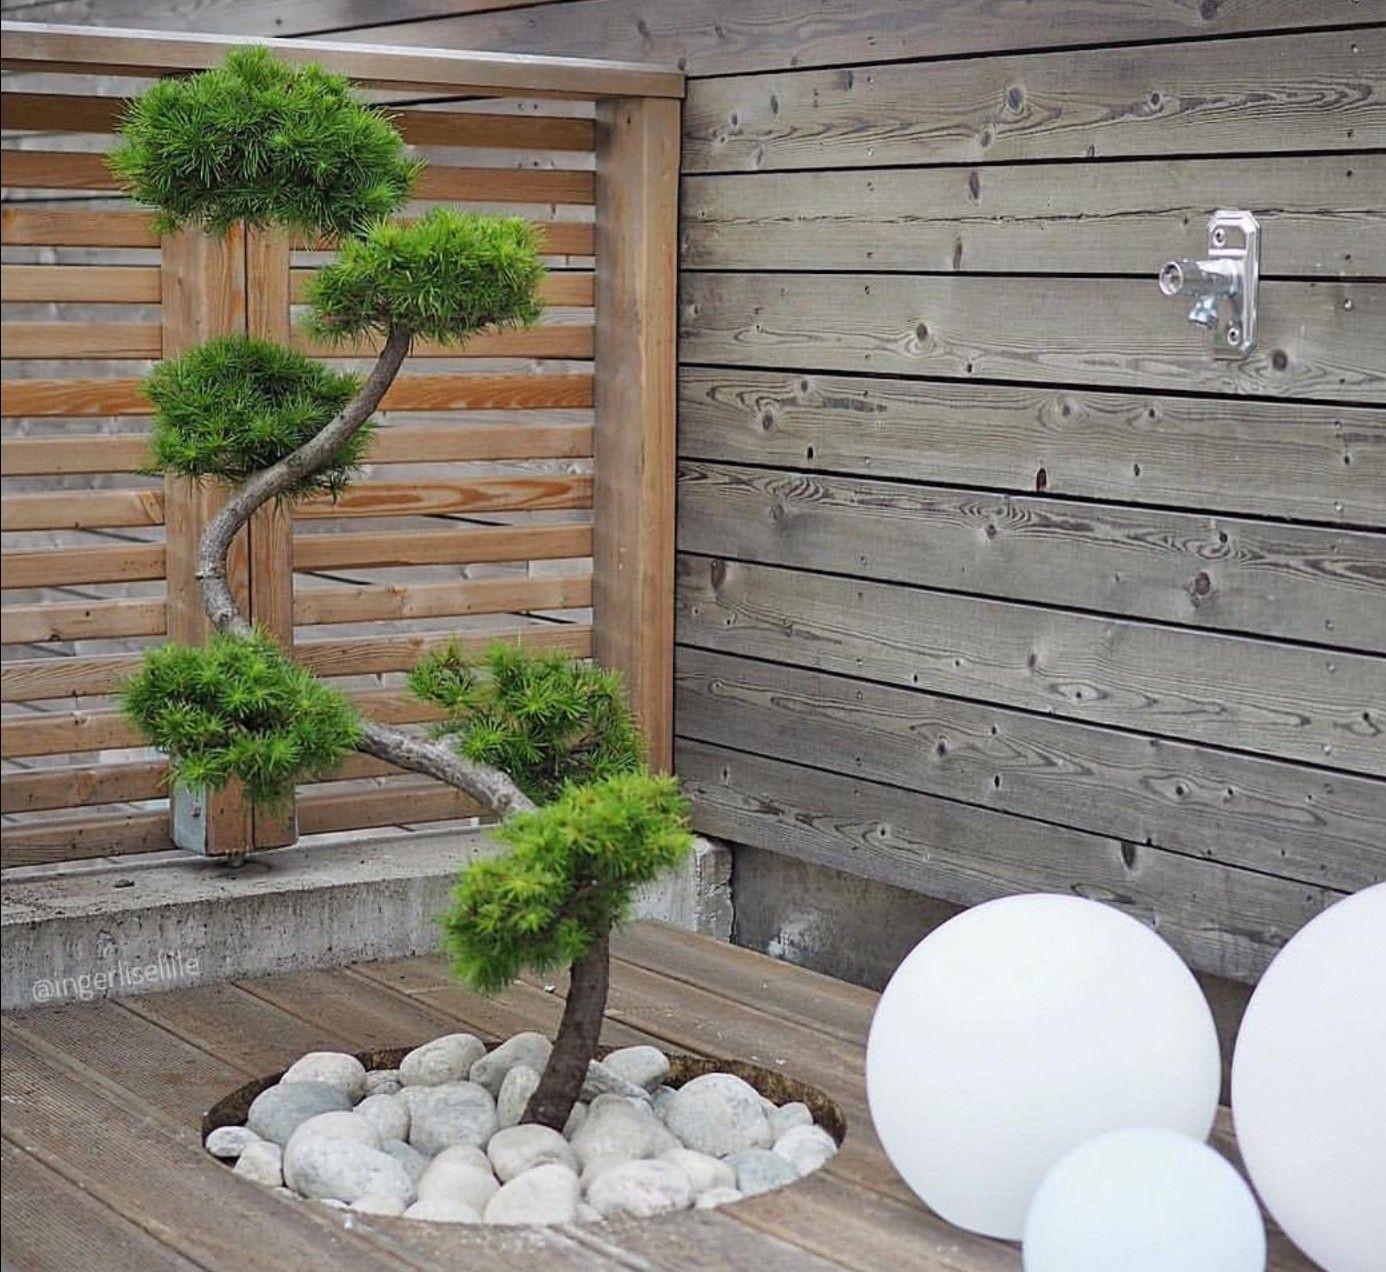 Brouette Deco Jardin Beau Image Brouette Decorative De Jardin En Bois Pour Impressionnant épinglé